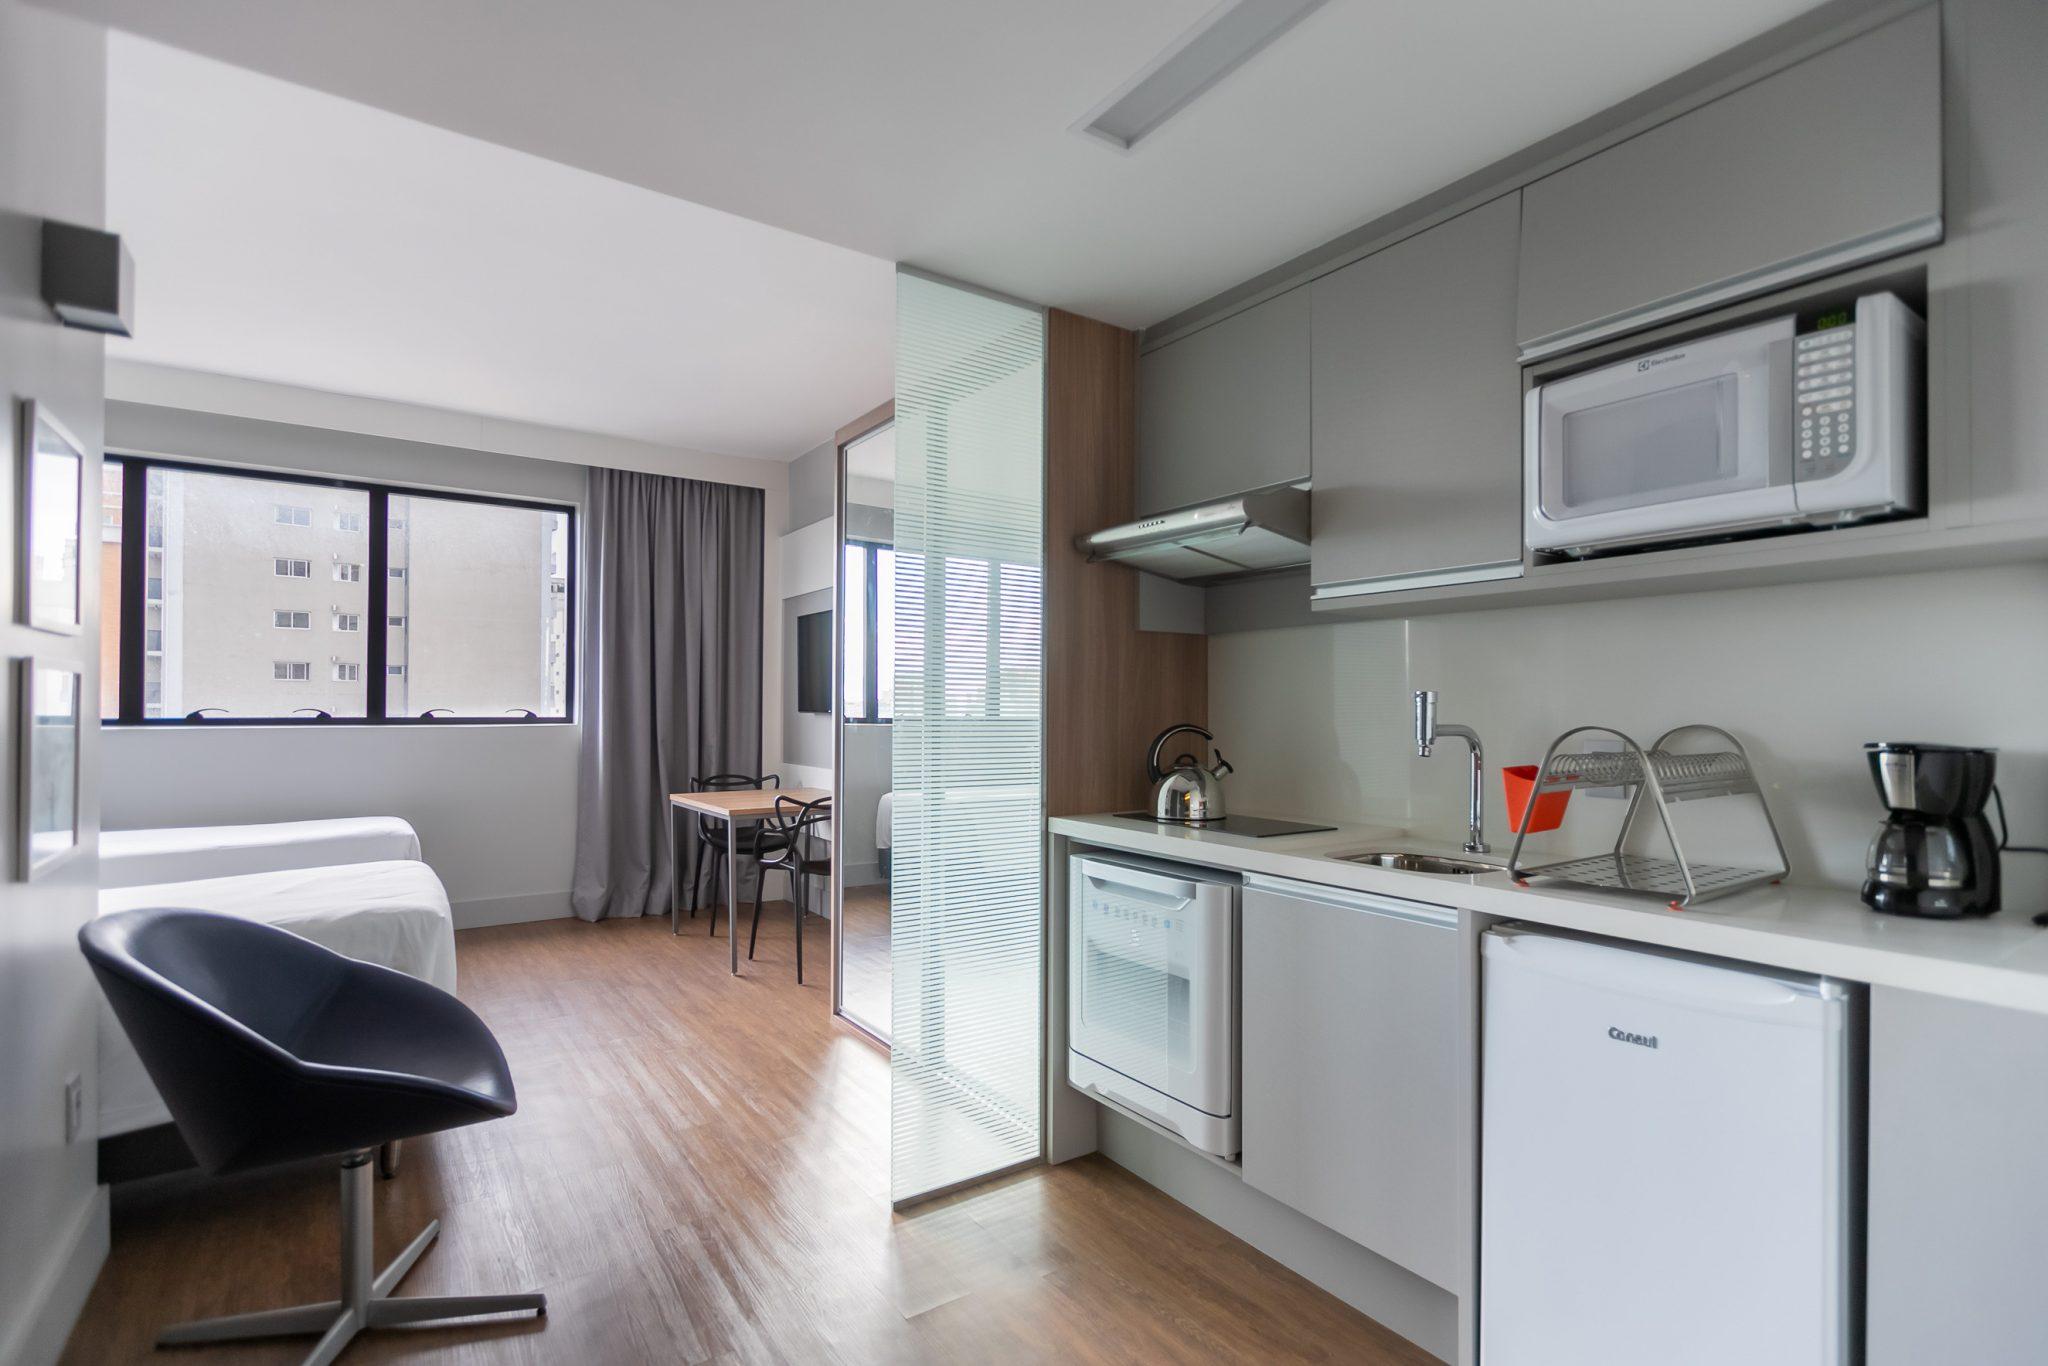 A Yogha conta com imóveis ideais para hospedagens de curta duração - Cred Paulo Cibin